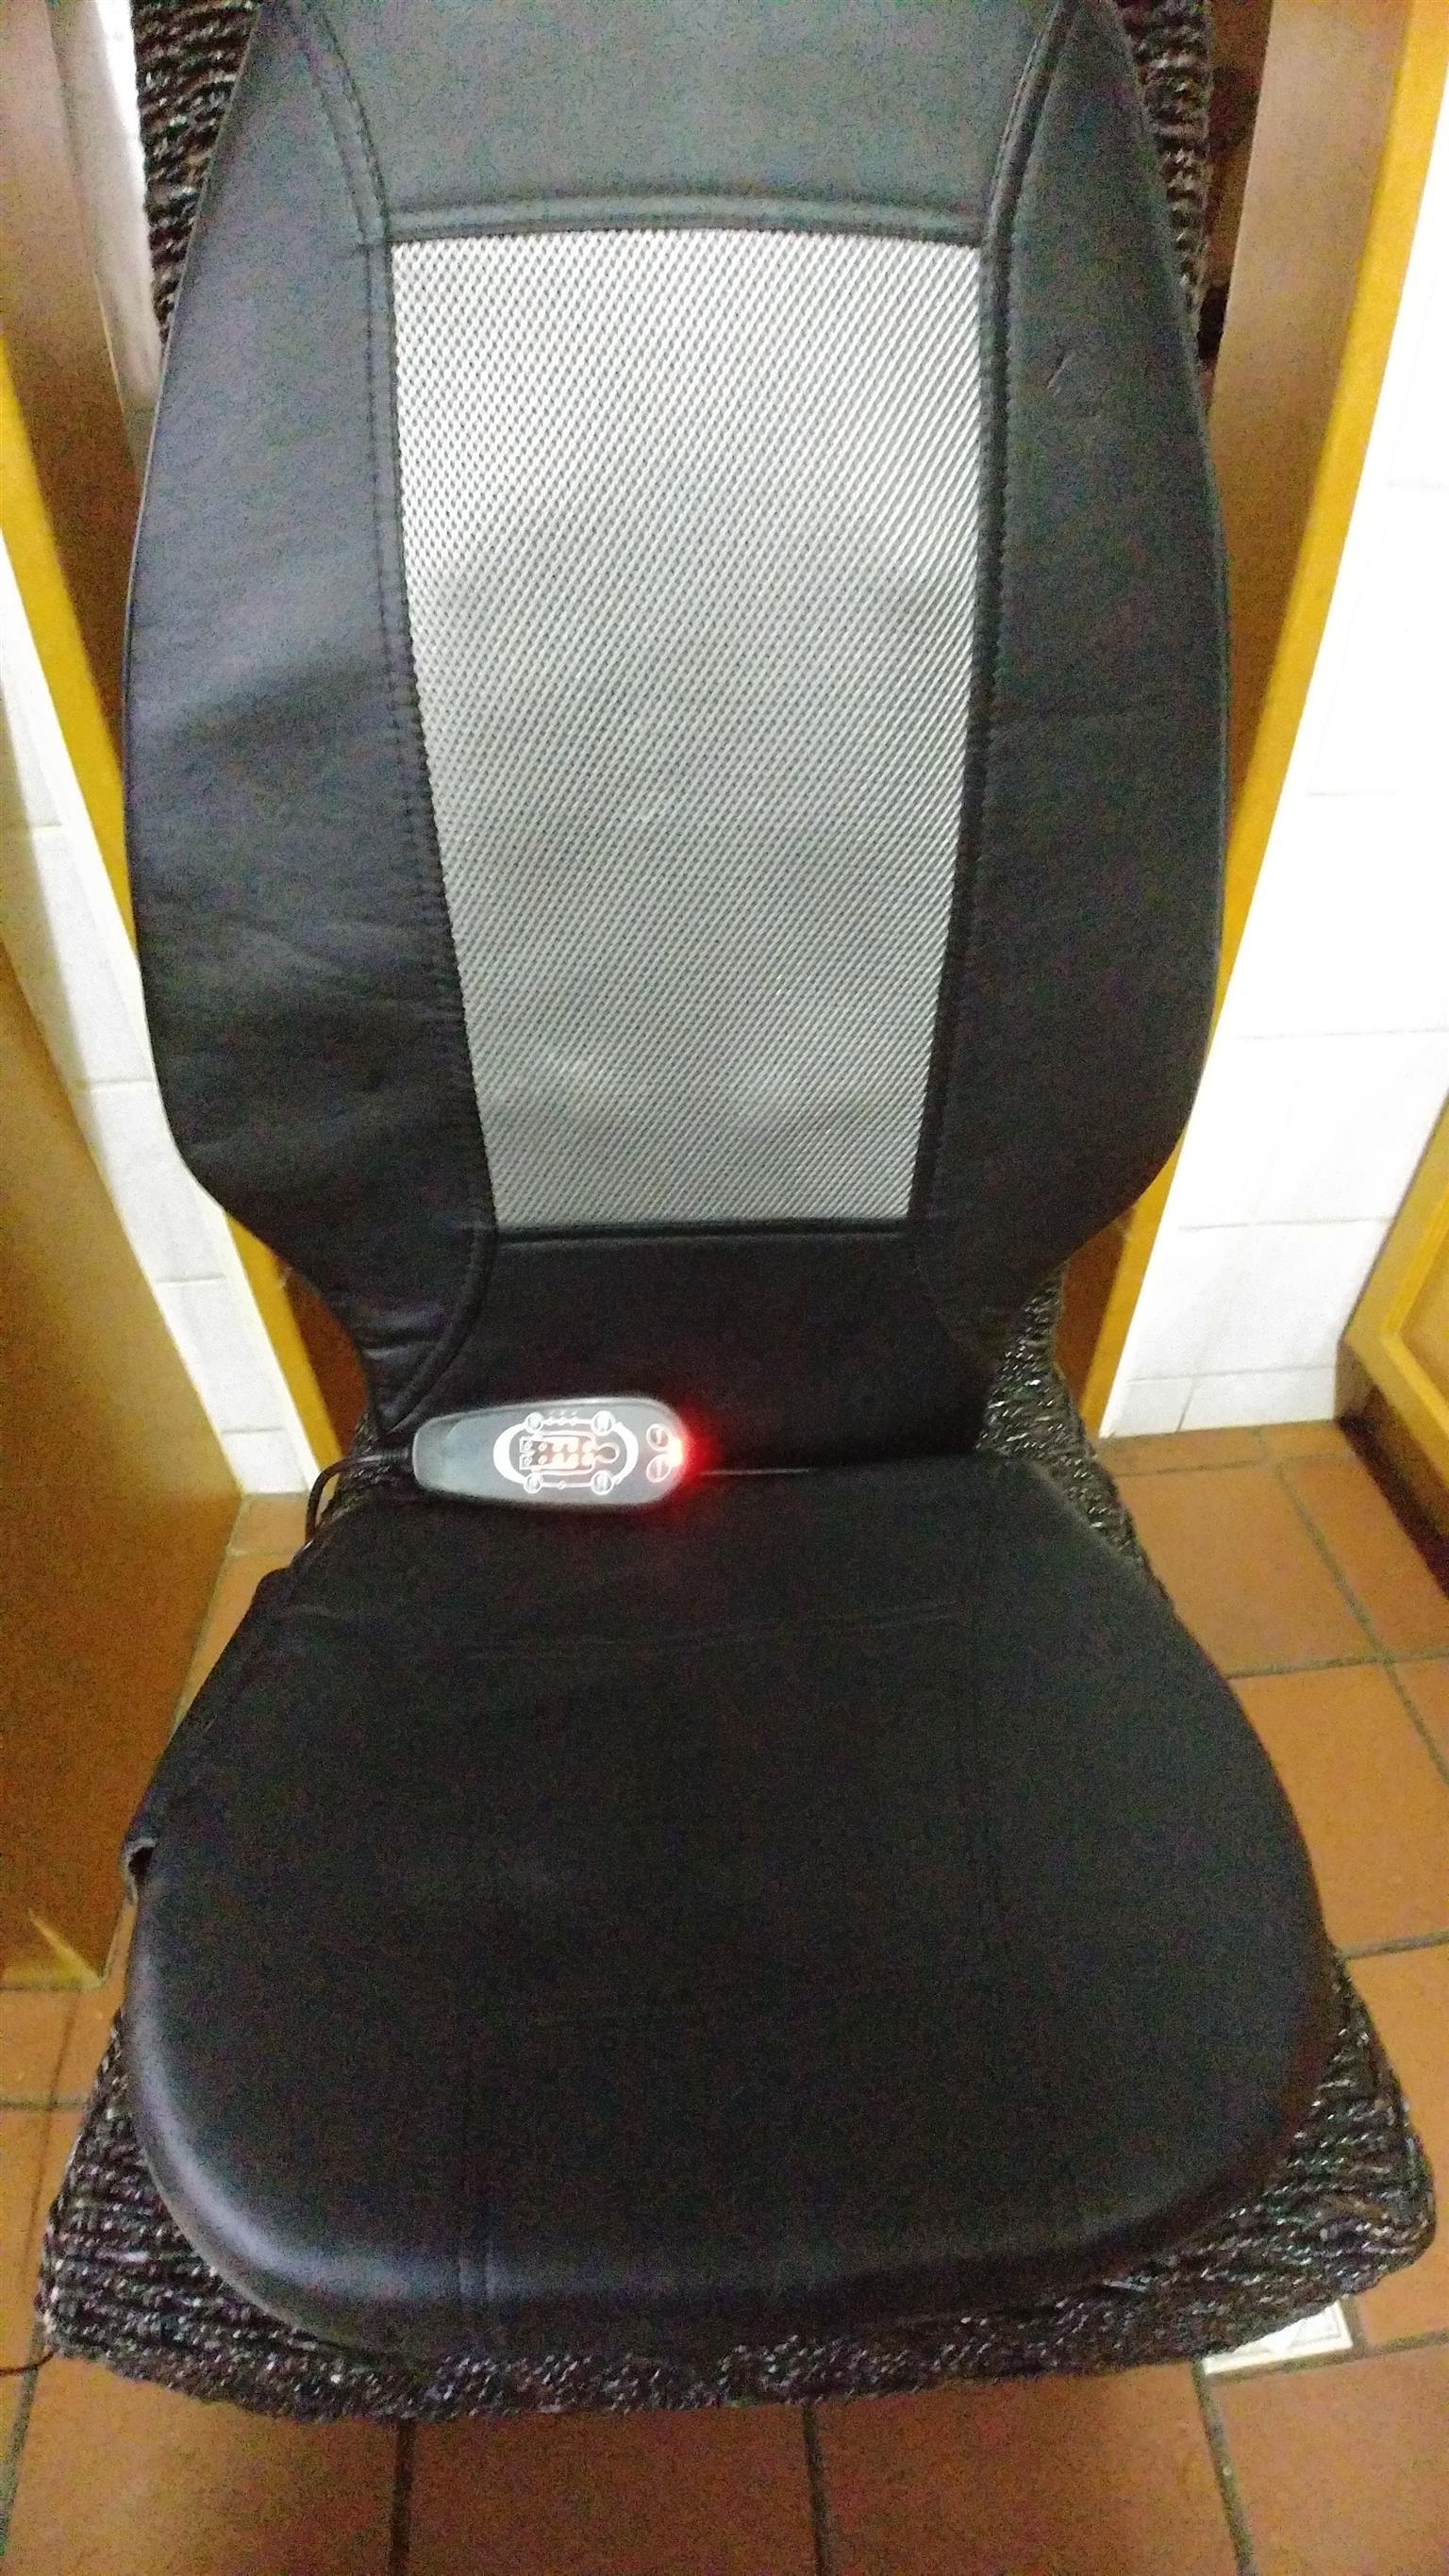 Chair Massage Cushion